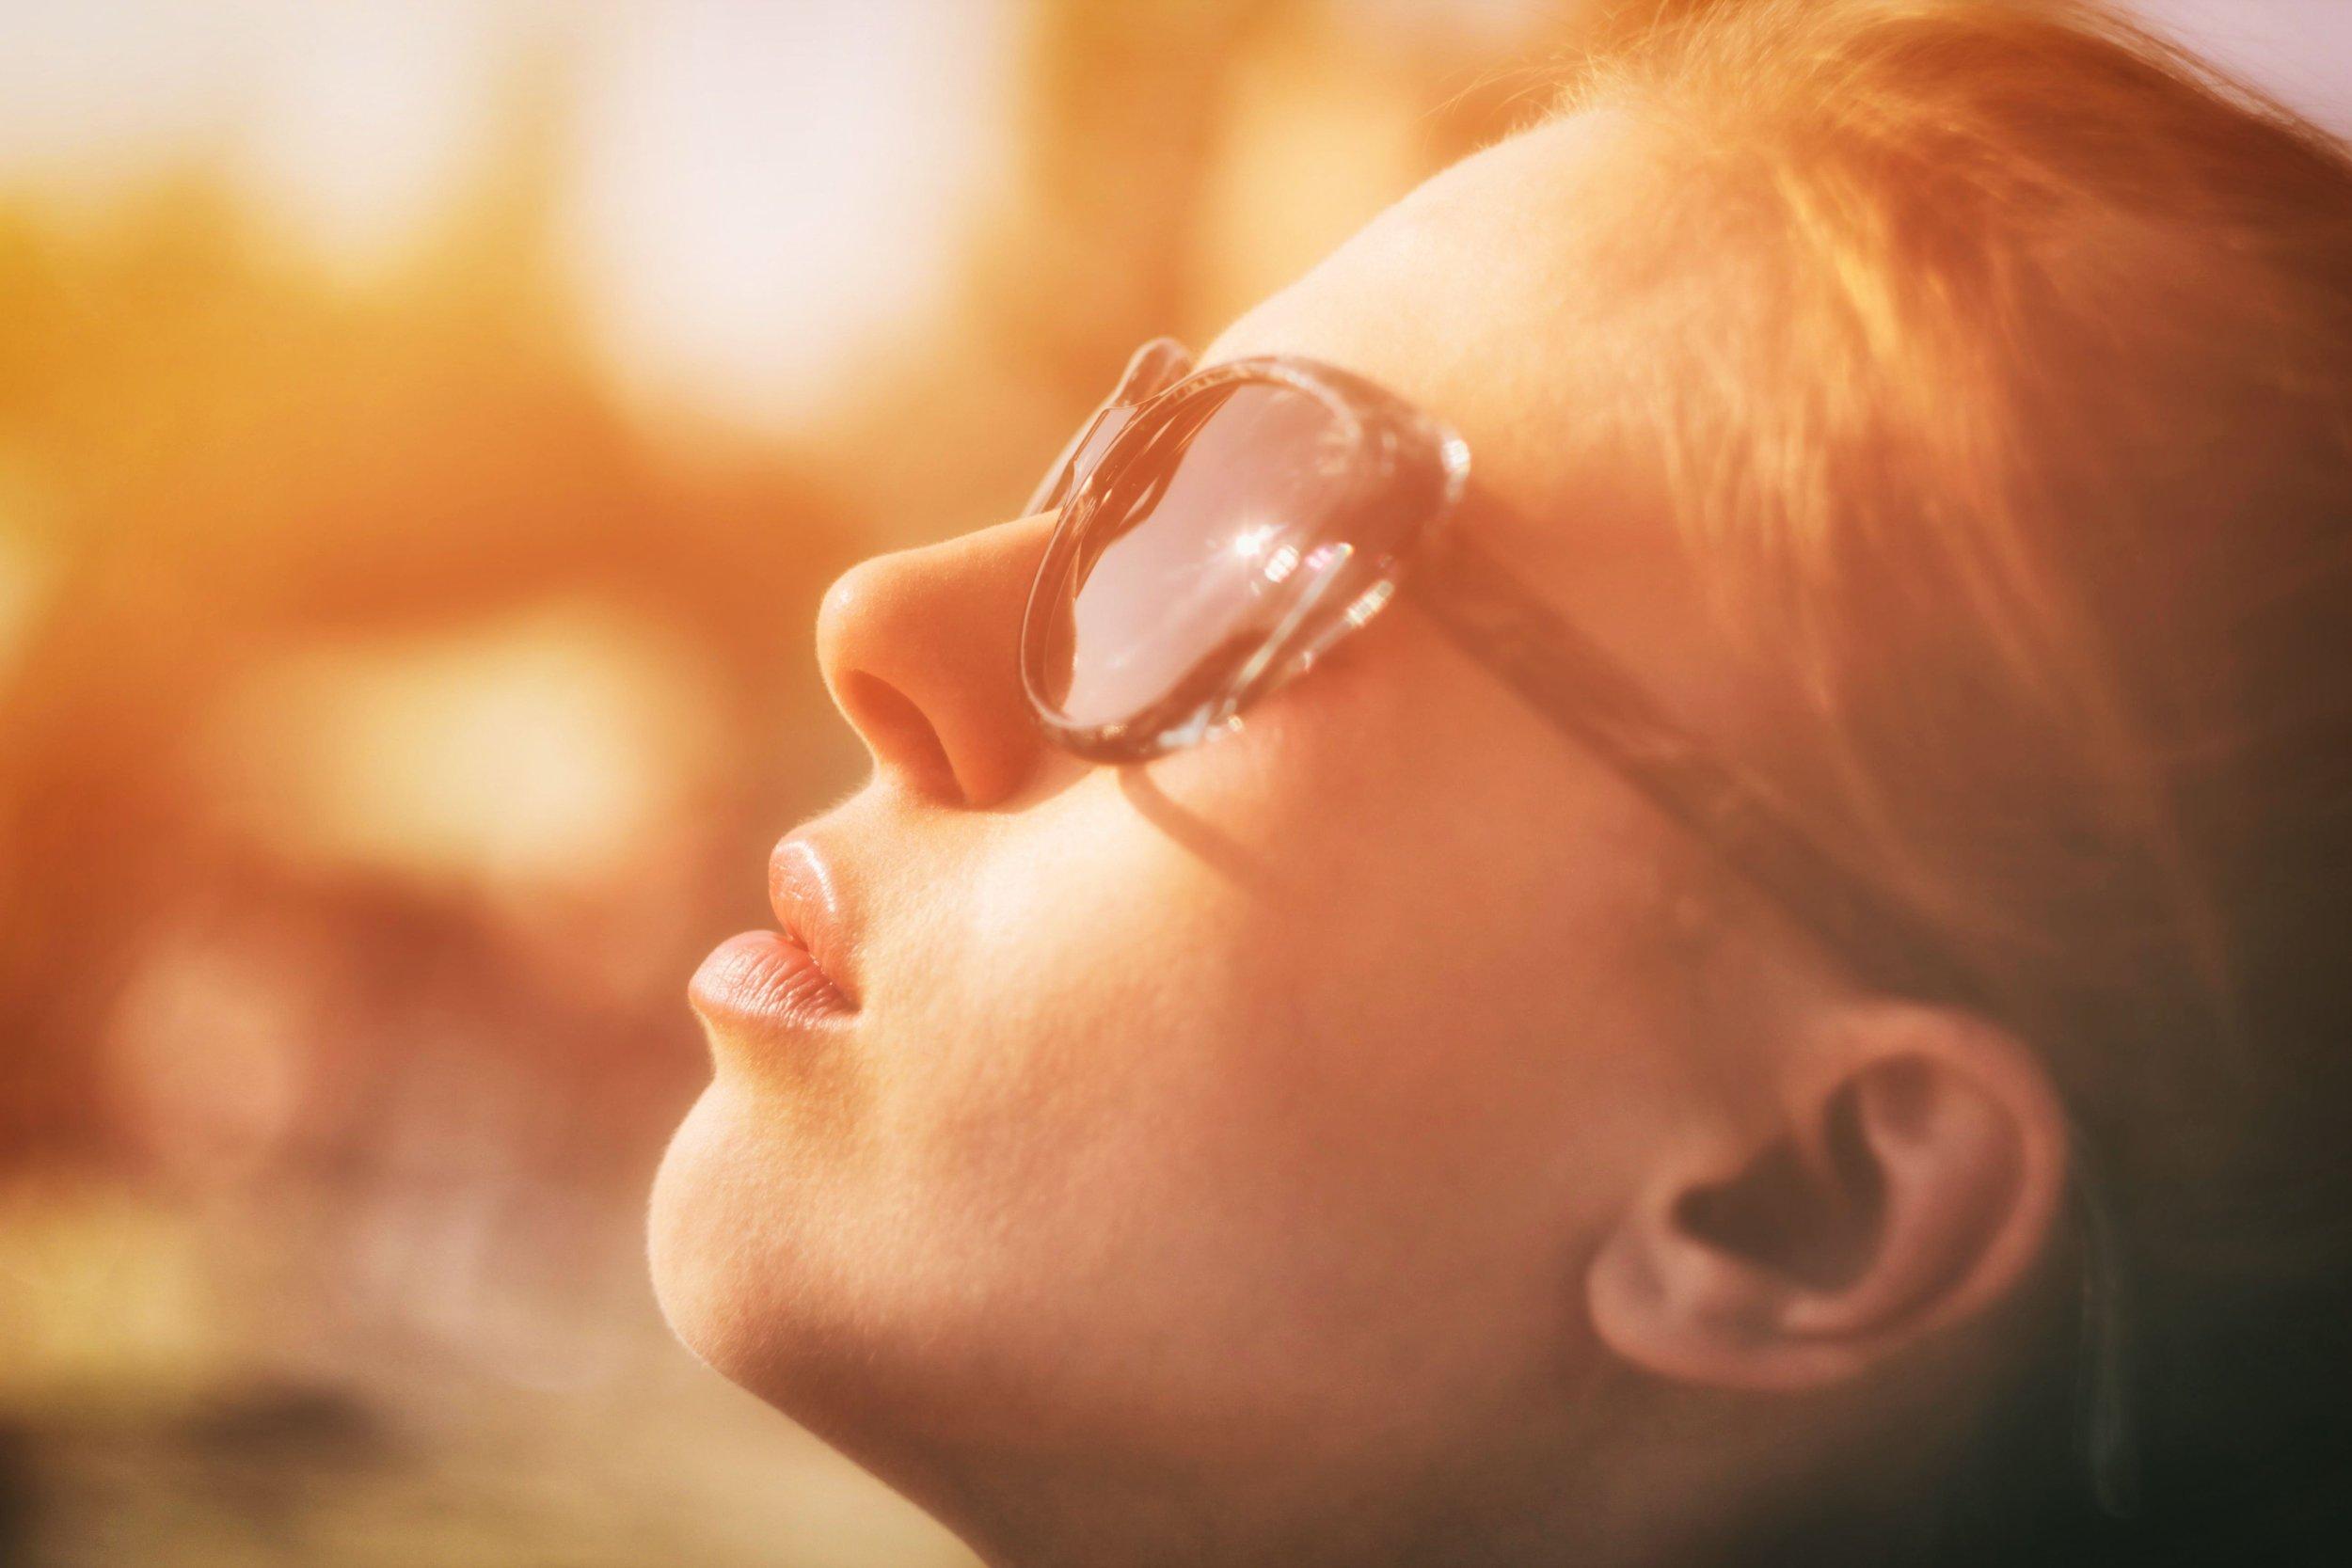 sunlight on face nutrigenomics.jpg